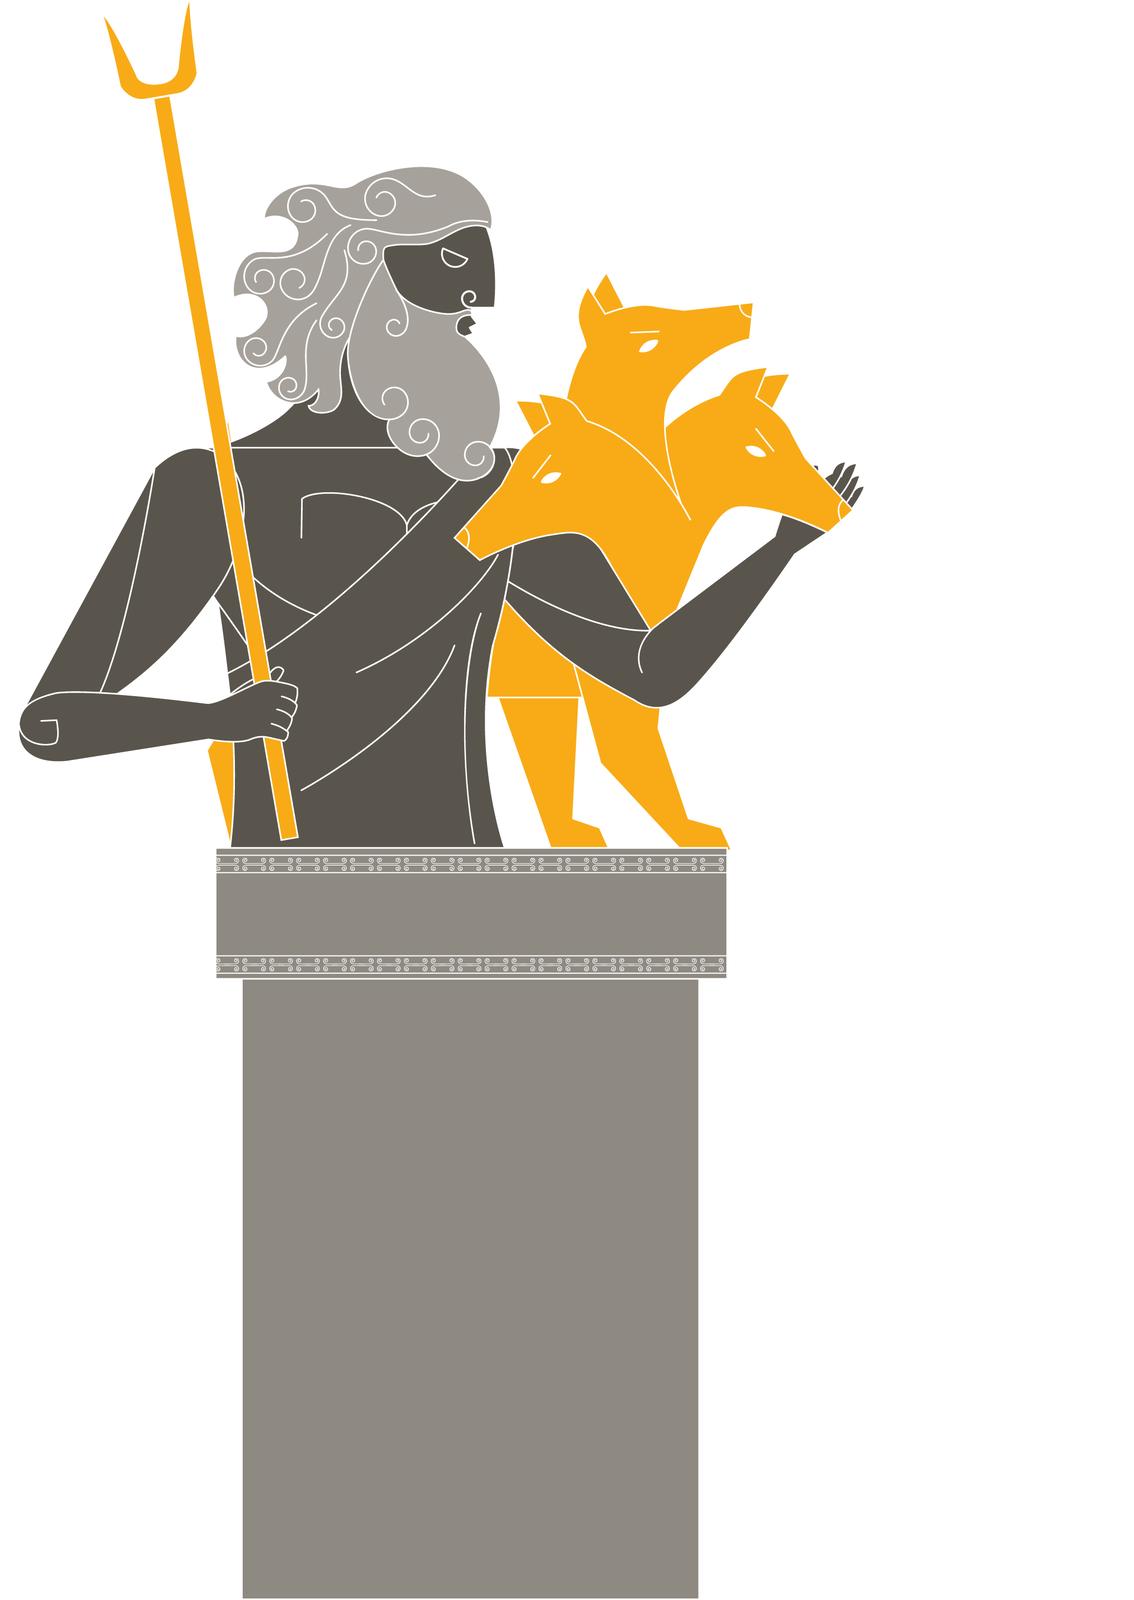 Hades, drugi zbraci Zeusa, rządził podziemną krainą umarłych. Nazywano ją od imienia swego władcy Hadesem. Wejścia do niej pilnował Cerber – pies otrzech głowach igrzywie zwęży Hades, drugi zbraci Zeusa, rządził podziemną krainą umarłych. Nazywano ją od imienia swego władcy Hadesem. Wejścia do niej pilnował Cerber – pies otrzech głowach igrzywie zwęży Źródło: Contentplus.pl sp. zo.o., licencja: CC BY 3.0.